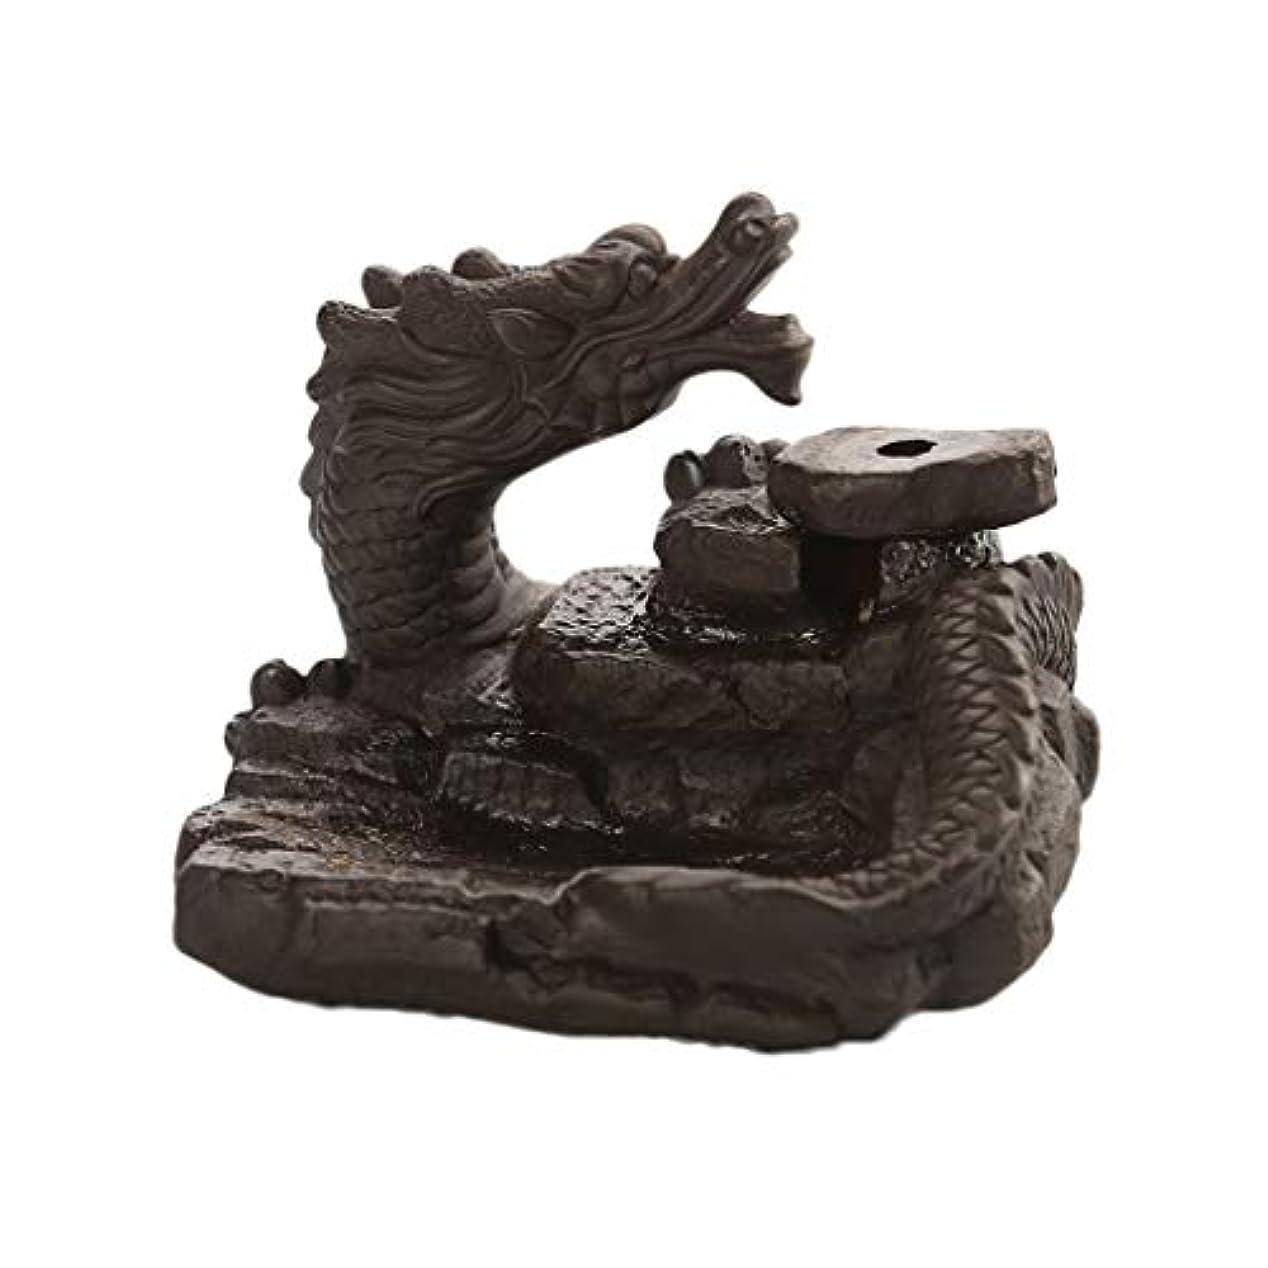 栄光の派生する米国セラミックドラゴン池香バーナー逆流香スティックコーンバーナーホルダー還流ホームフレグランス装飾装飾品香ホルダー (Color : Black, サイズ : 3.46*3.14*2.36 inches)